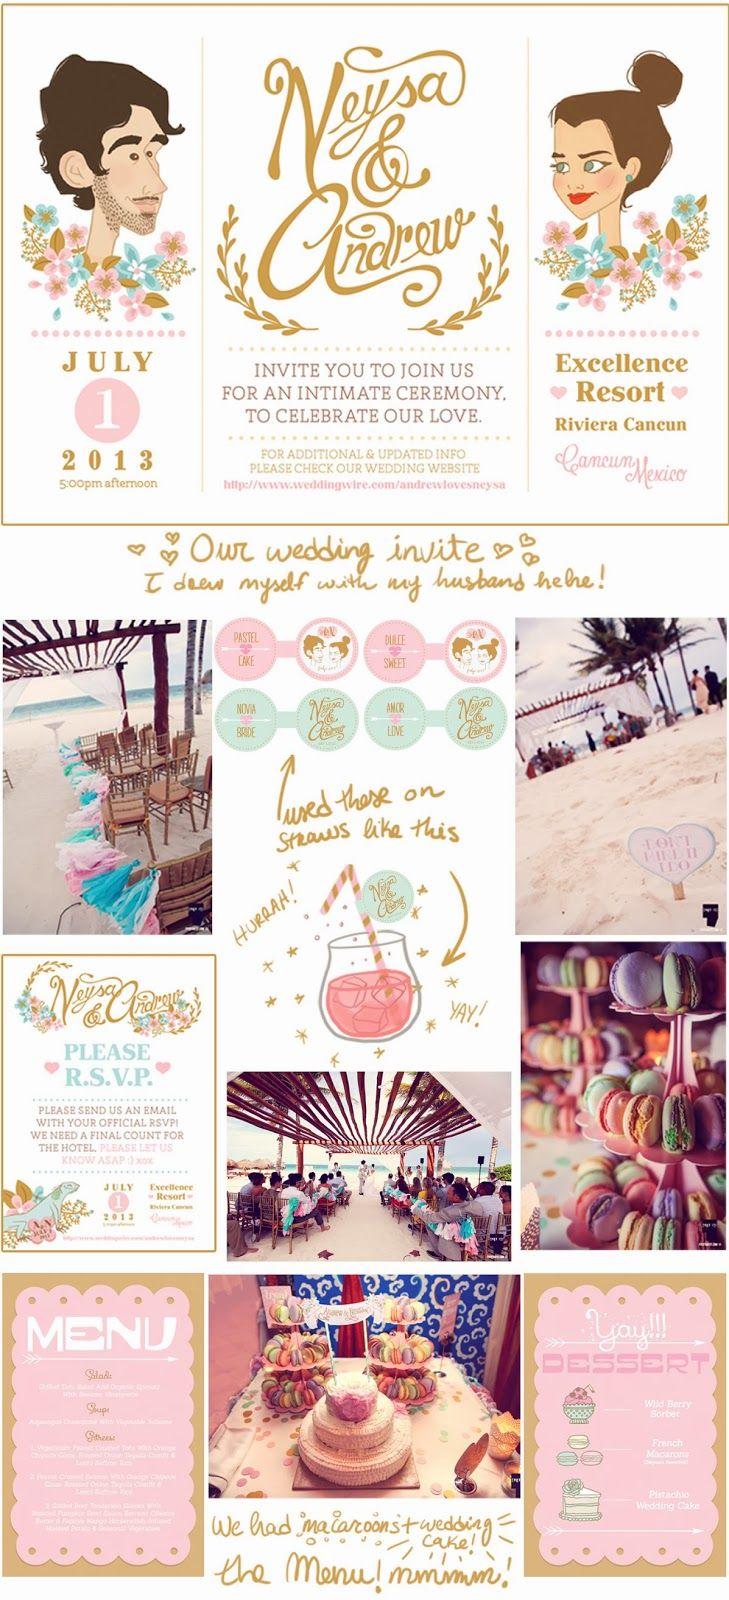 DIY wedding, custom wedding illustration wedding invite I designed for our wedding :) a very whimsical wedding in cancun